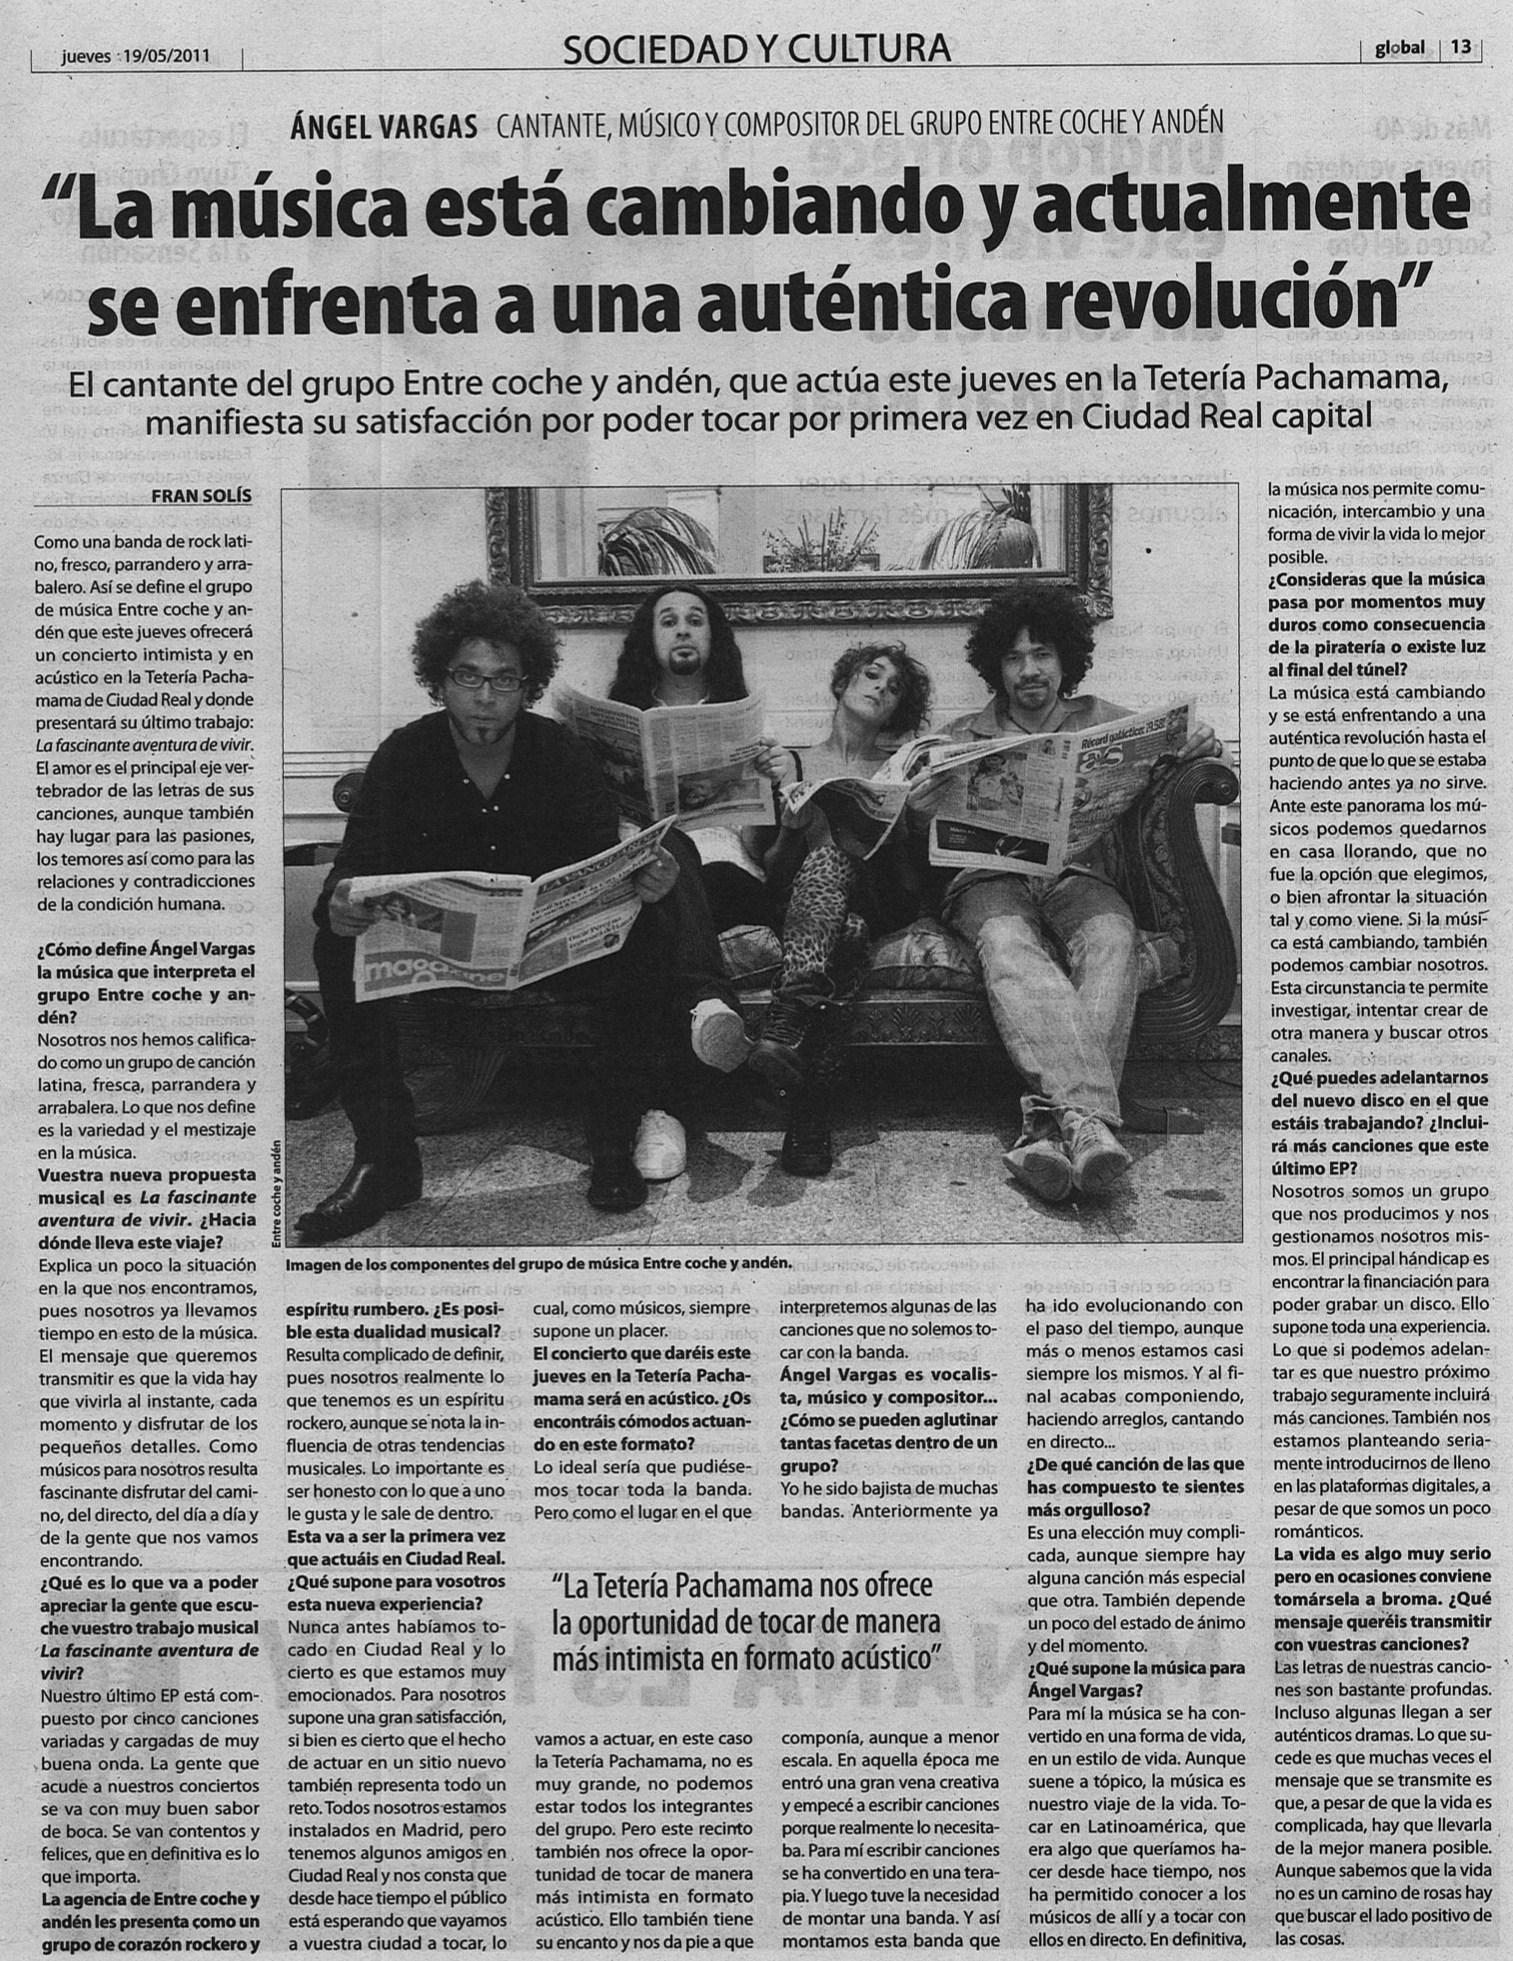 7. Global Castilla la Mancha 19 de mayo de 2011